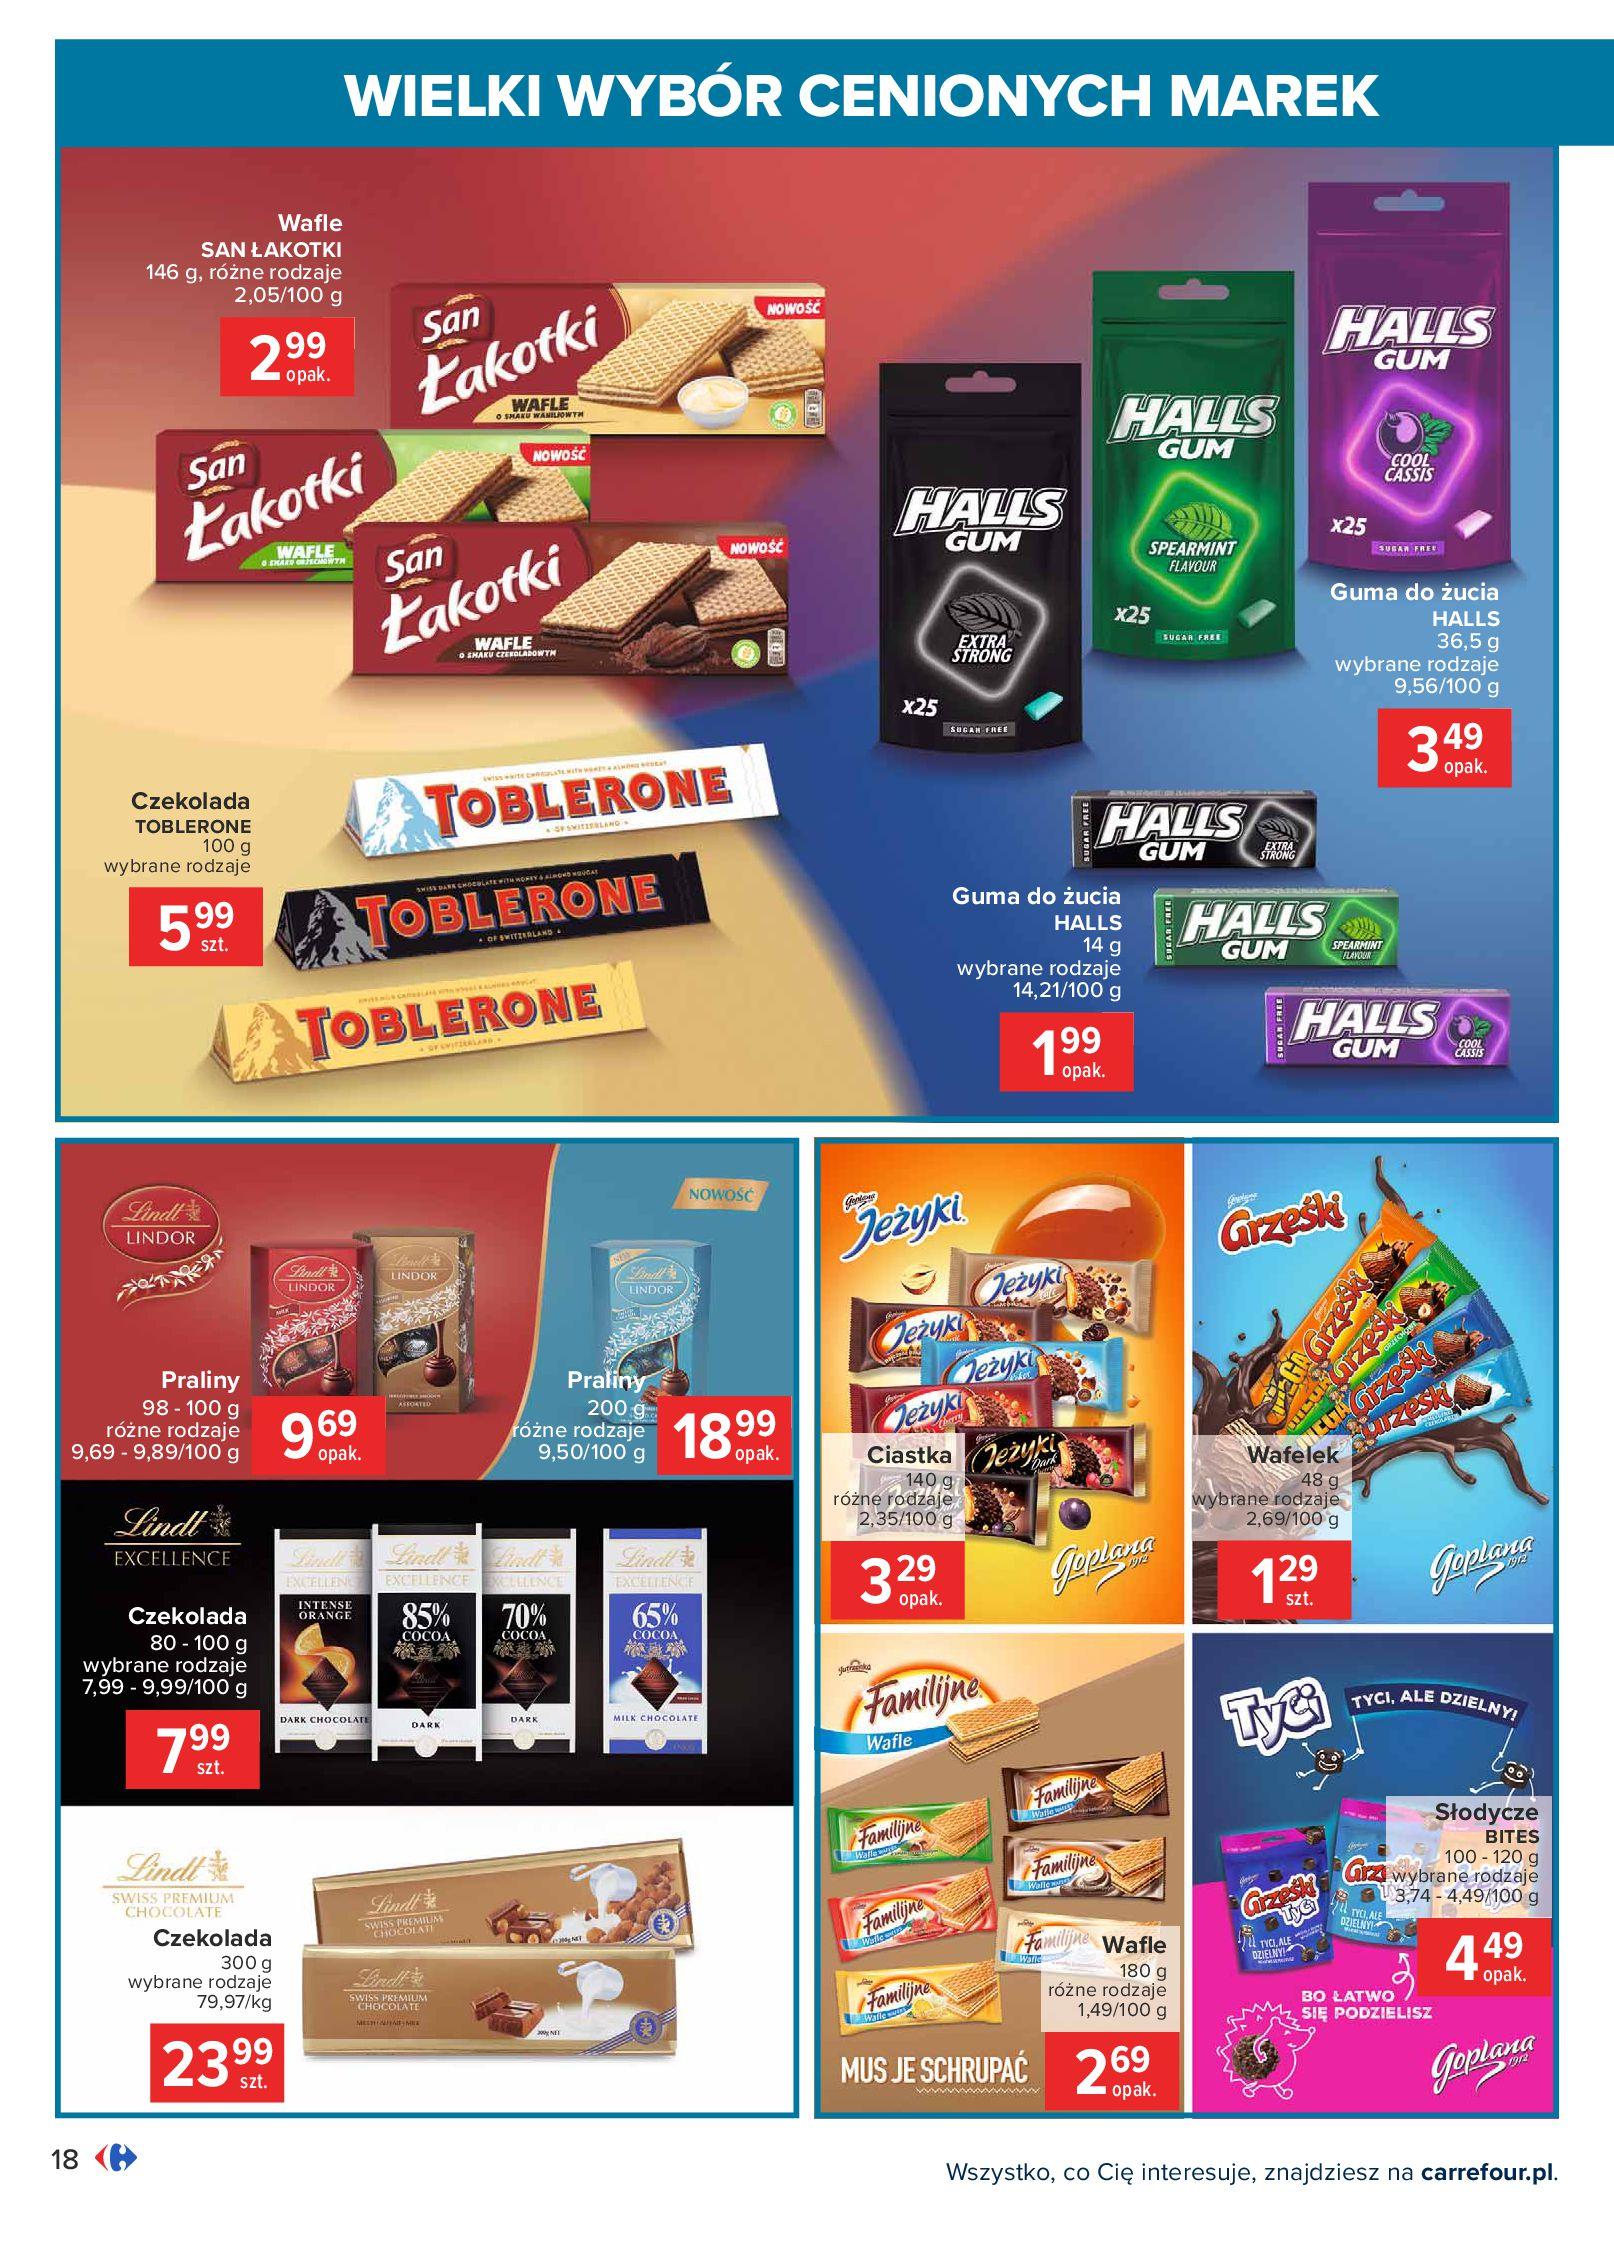 Gazetka Carrefour: Wielki wybór cenionych marek 2021-05-04 page-18